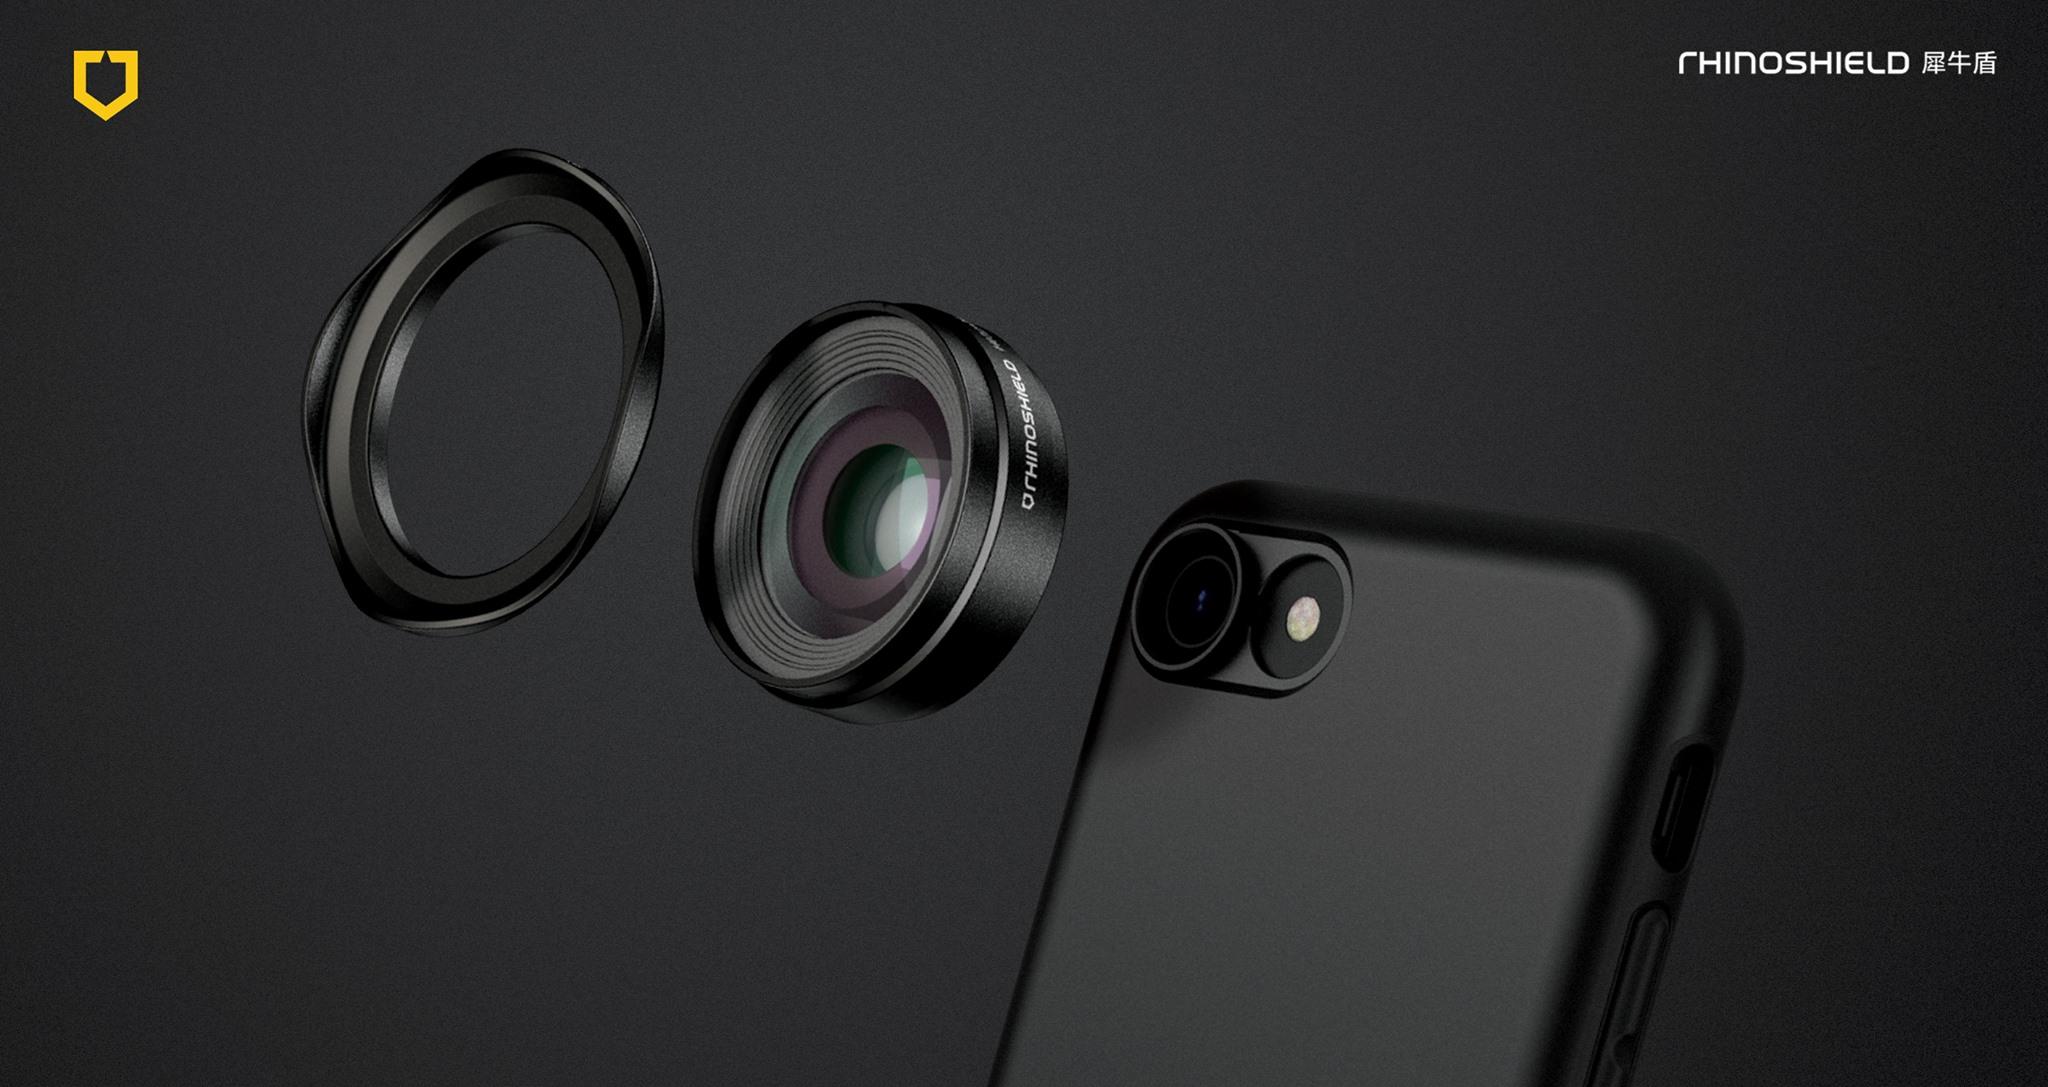 三星S9/S9+ 犀牛盾擴充鏡頭系列商品停售通知